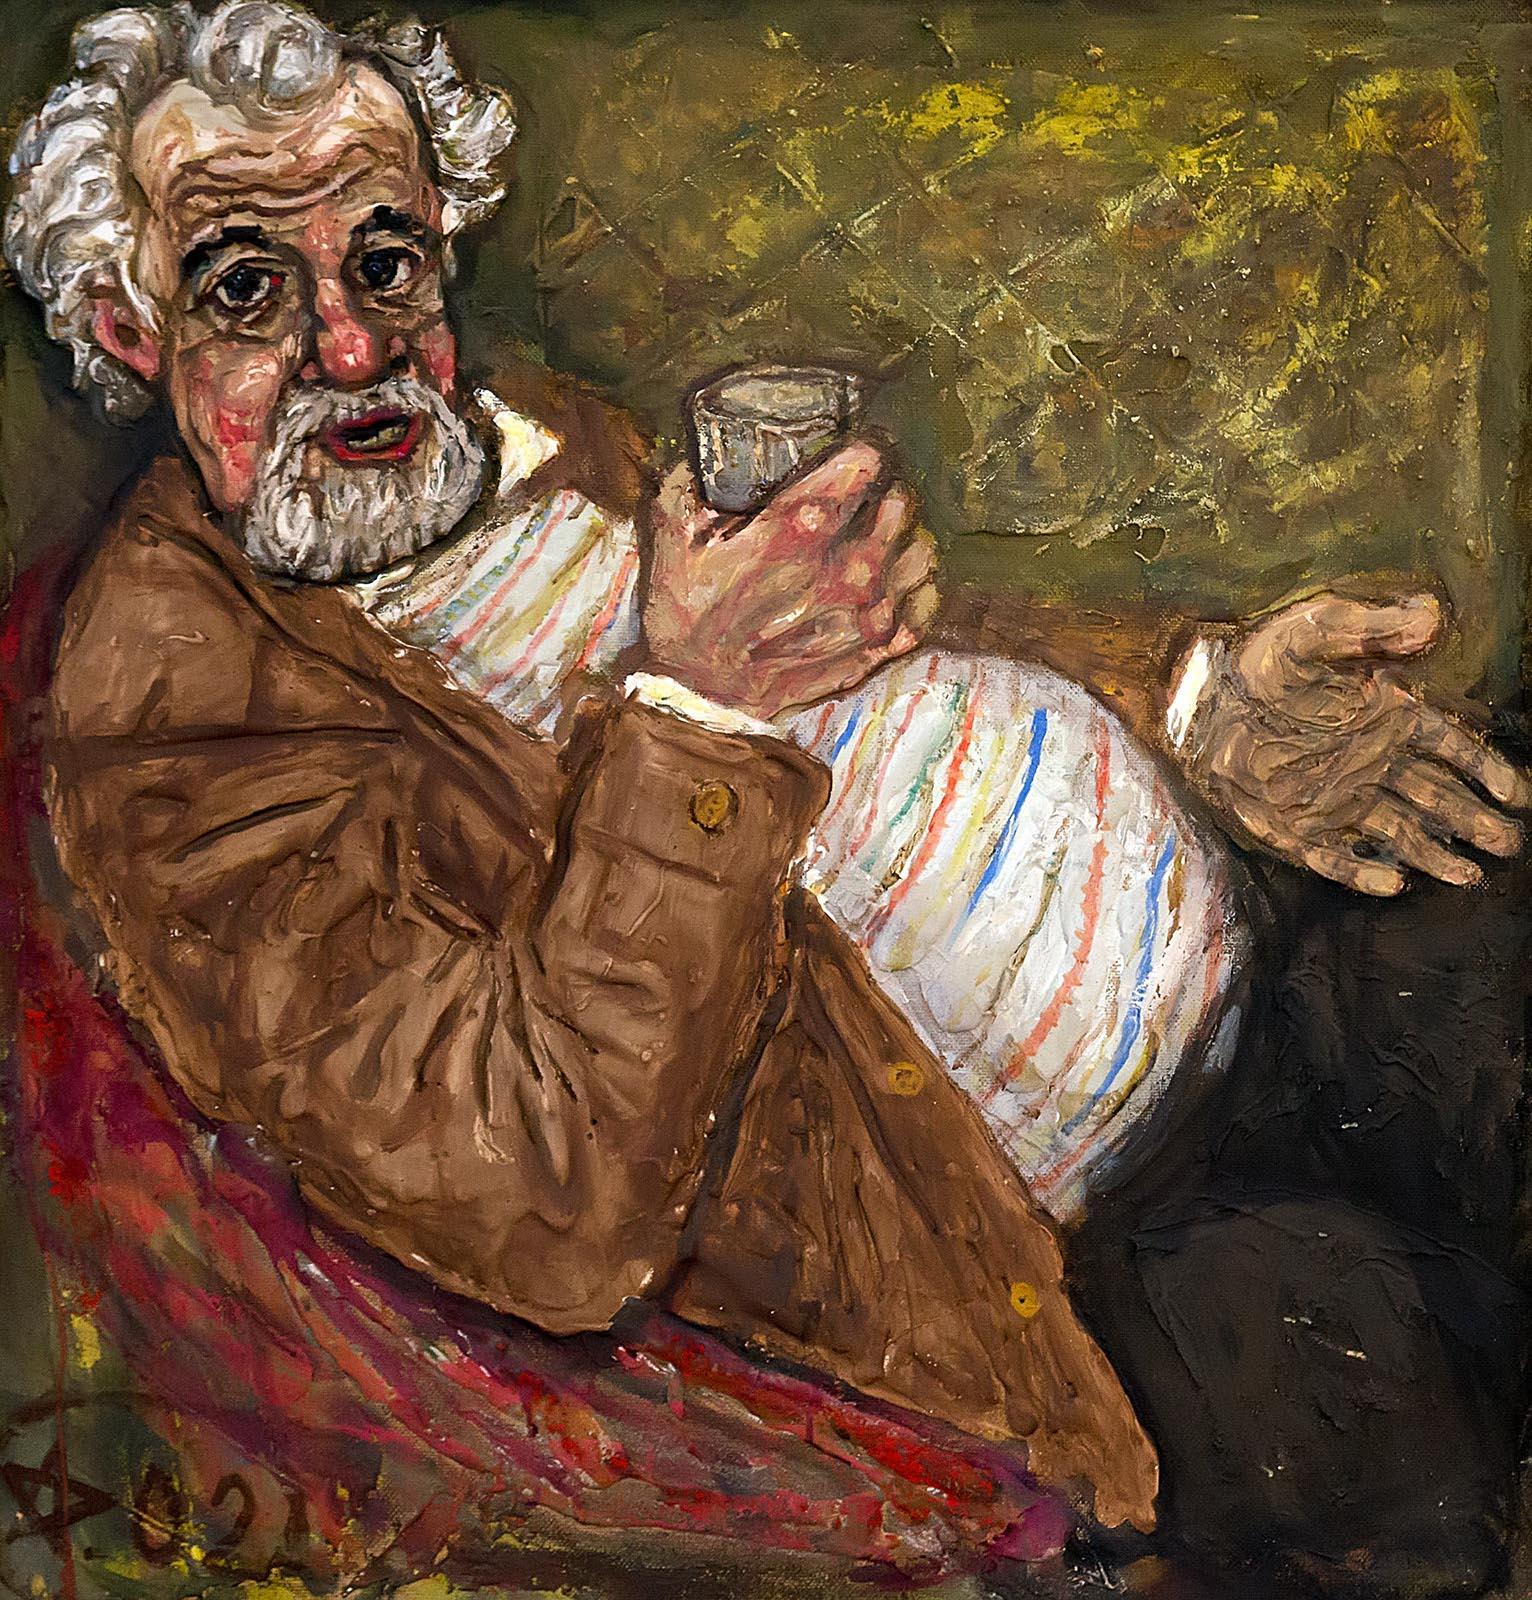 Фото №213585. ШТЕРН А.Г. 1942 ПОРТРЕТ ПИСАТЕЛЯ С.В. БЕЛОВА. 1998 Оргалит, смешанная техника